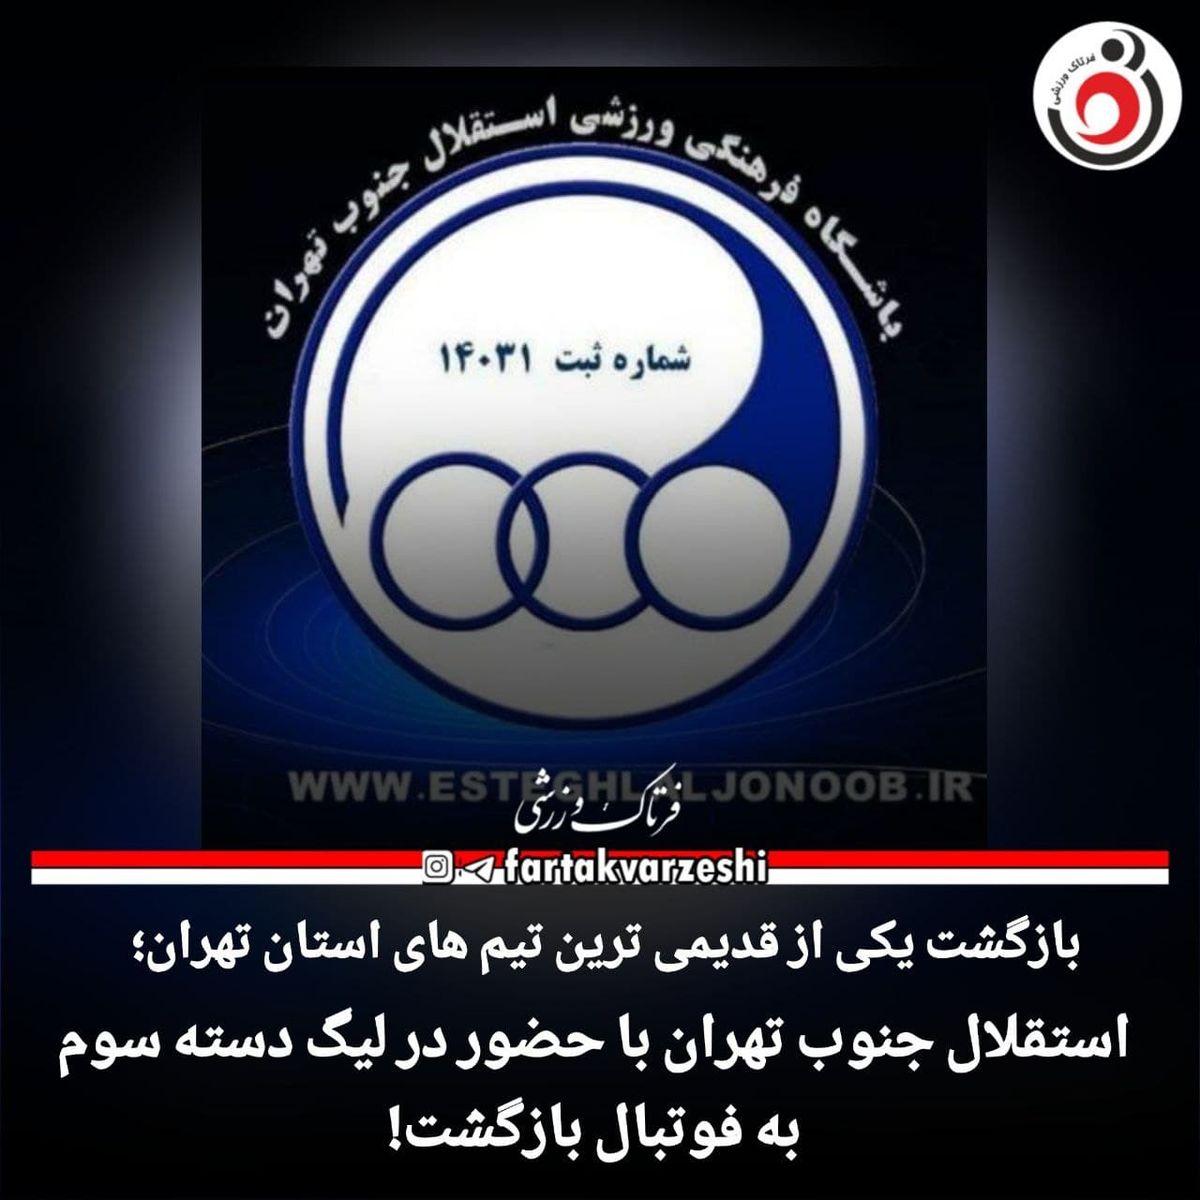 استقلال جنوب تهران با حضور در لیگ دسته سوم به فوتبال بازگشت!